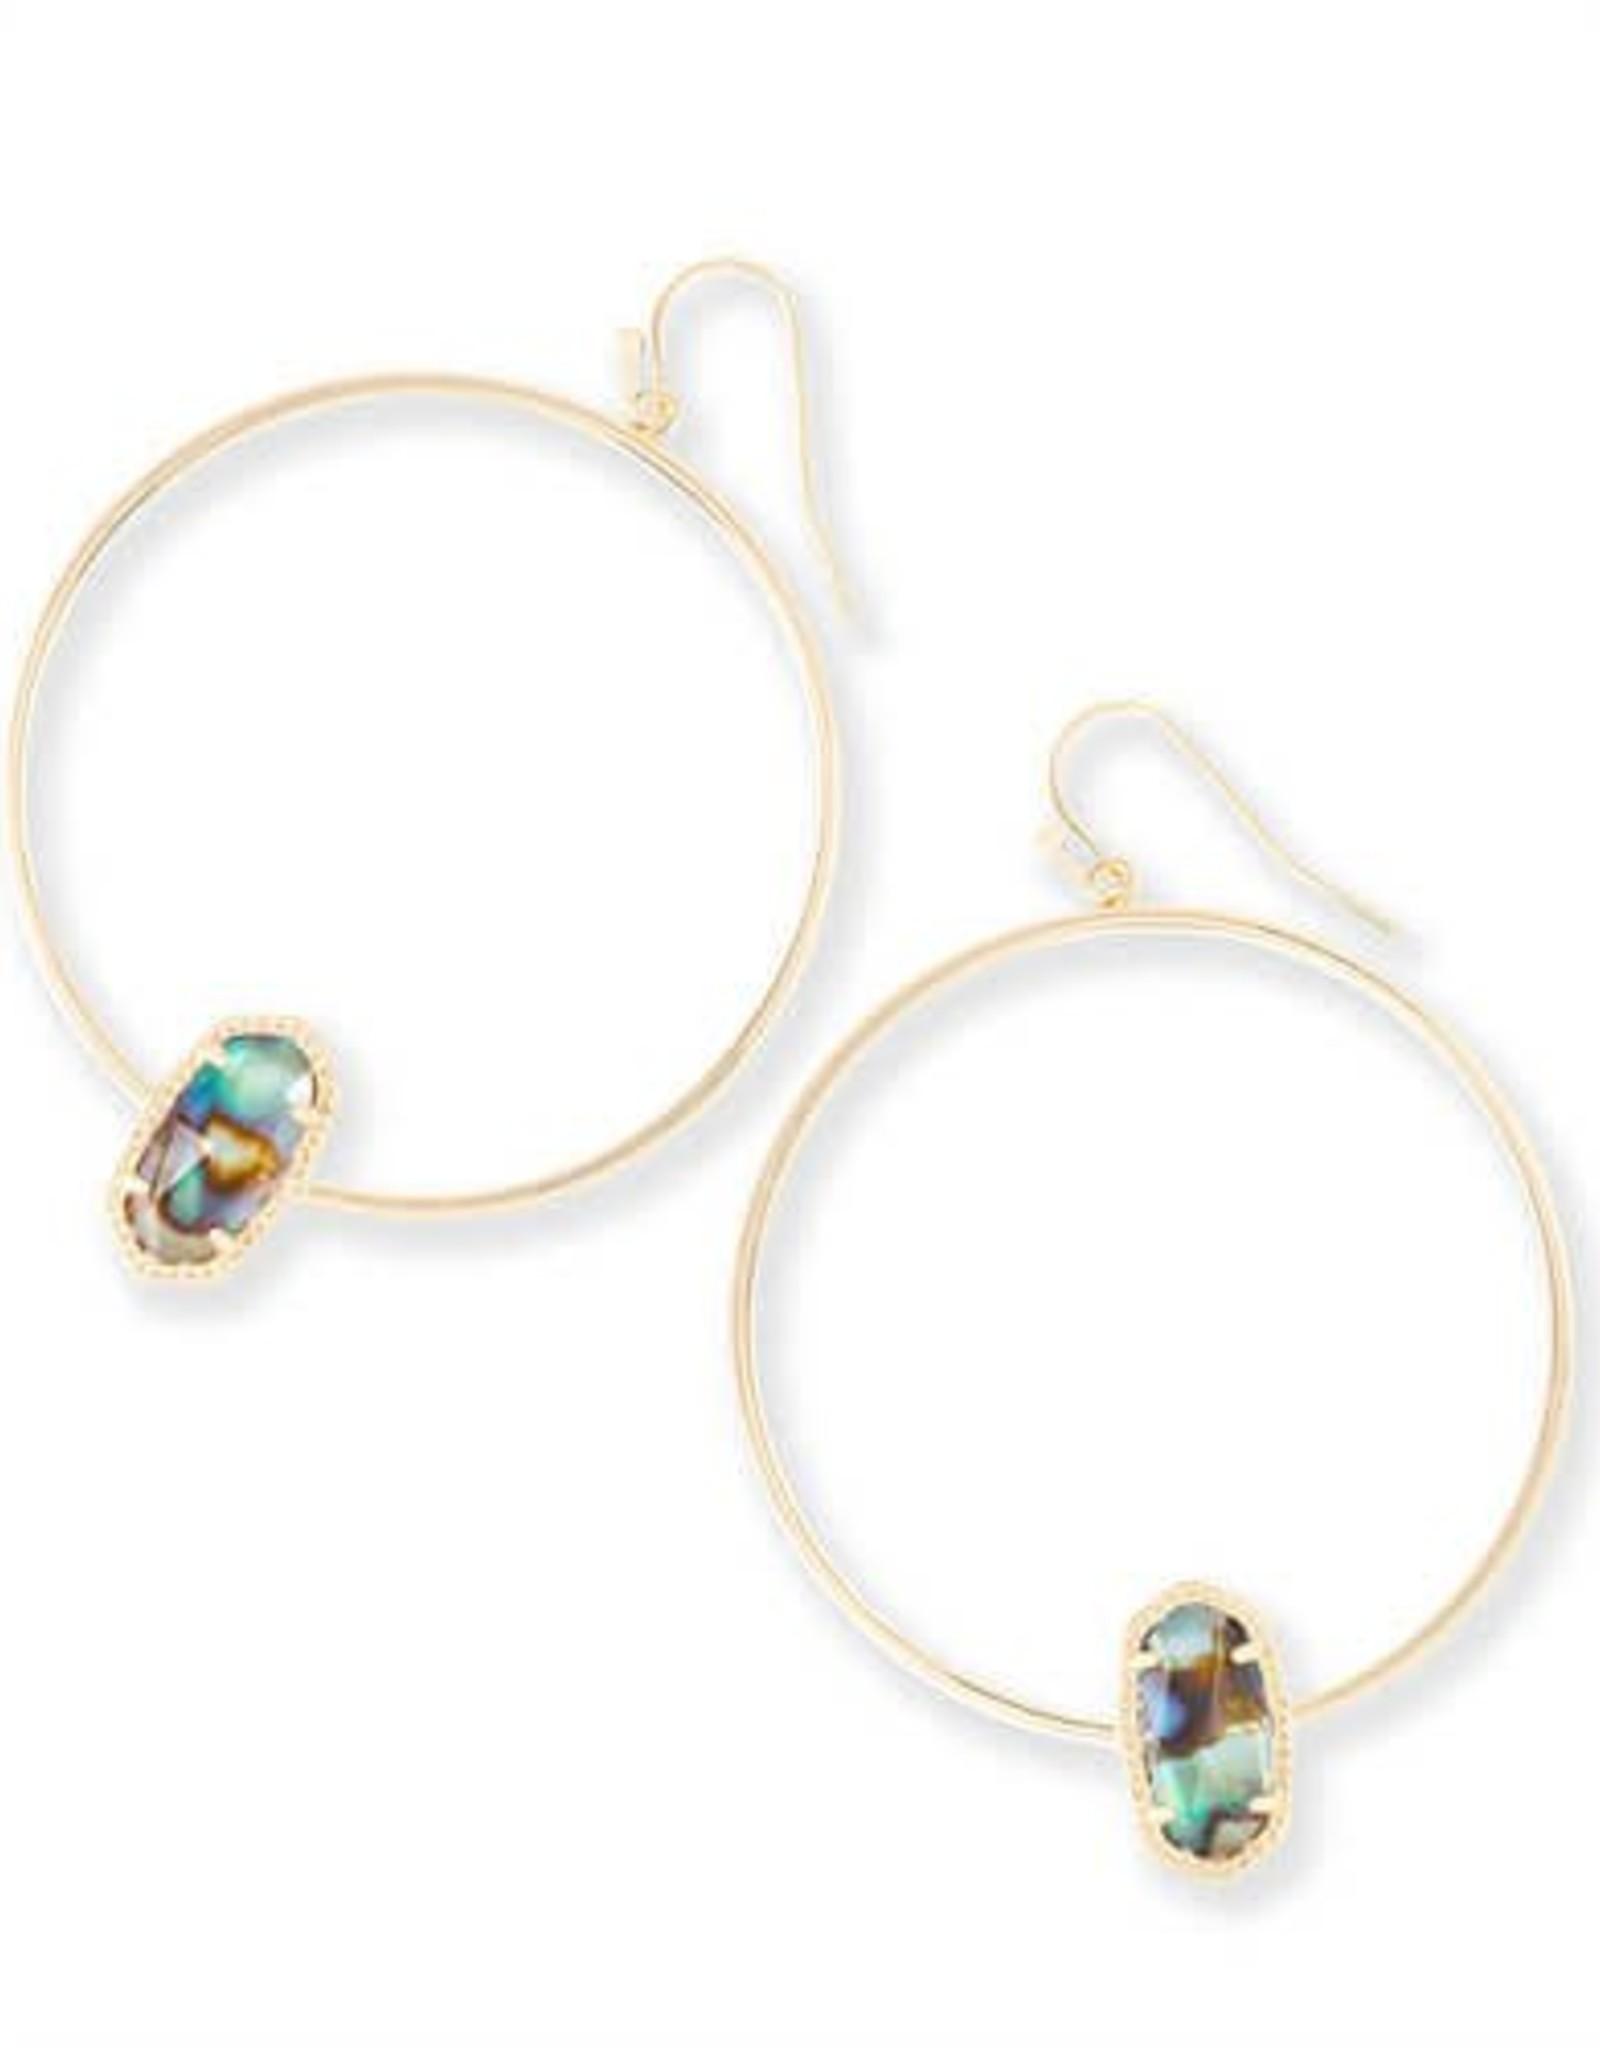 Kendra Scott KENDRA SCOTT Earrings Elora Hoop Gold